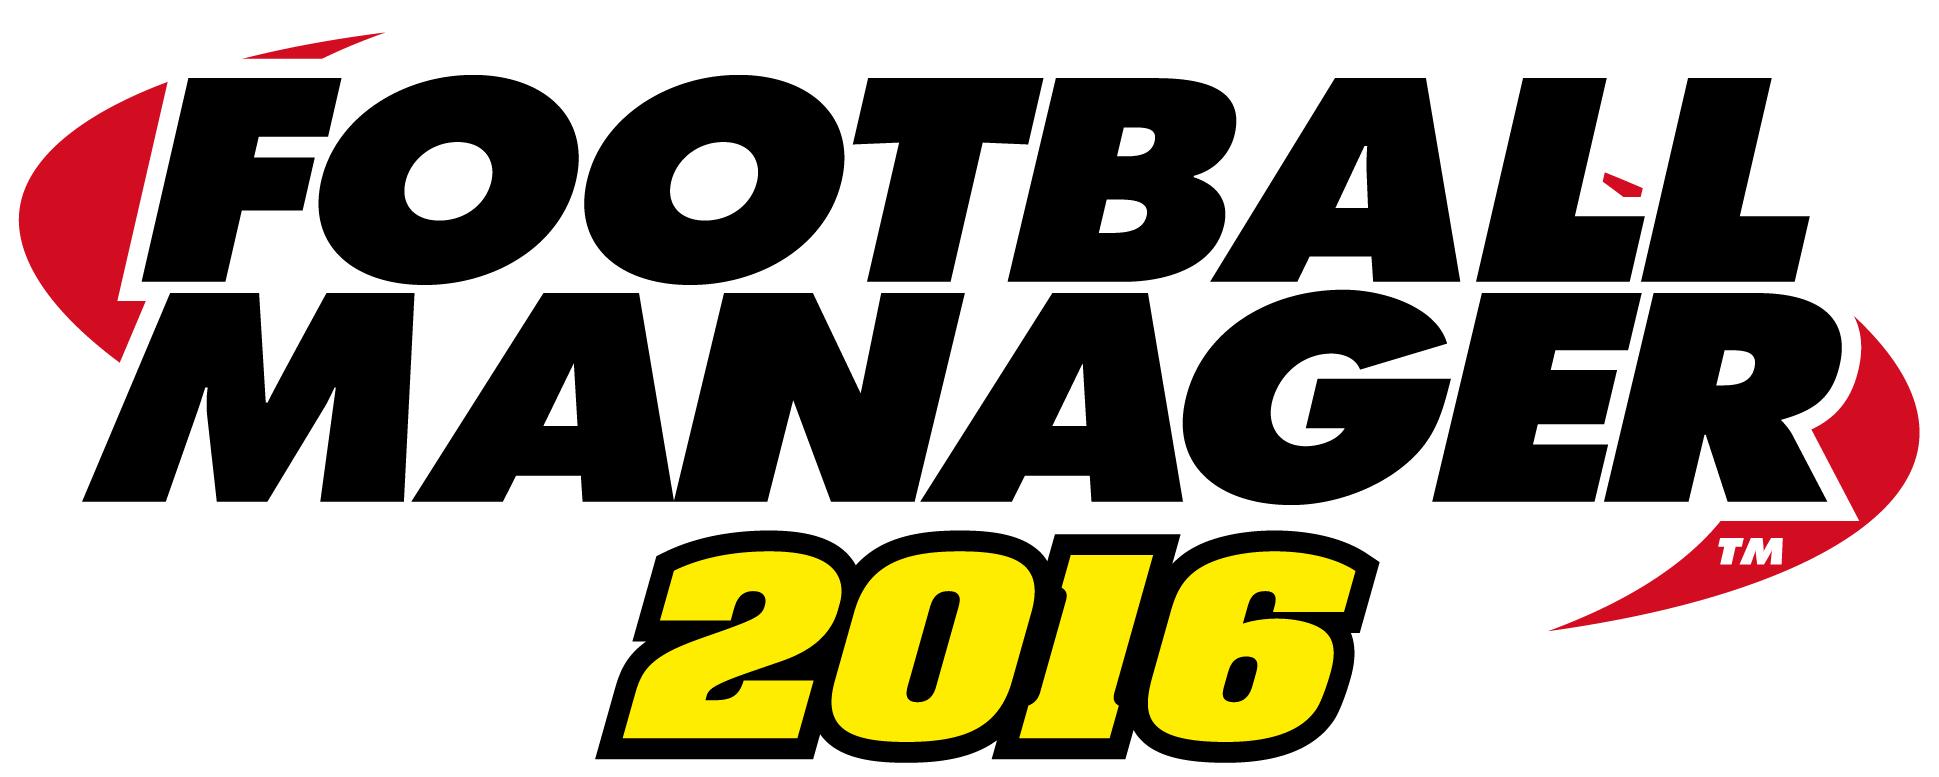 Football Manager 2016 Coming This November